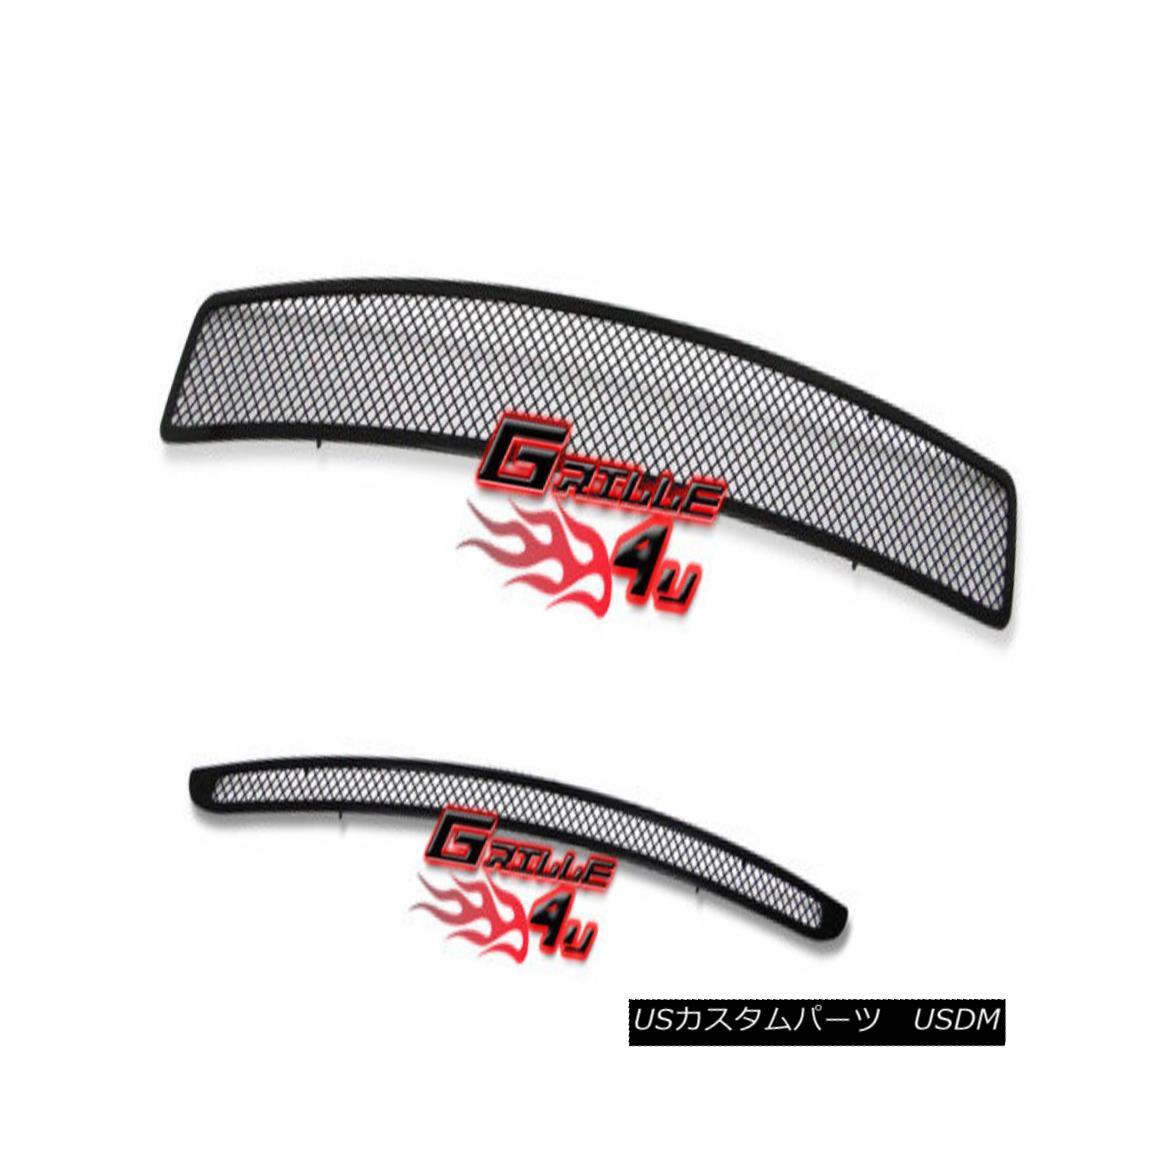 グリル For 09-10 Dodge Challenger Black Stainless Steel Mesh Premium Grille Combo 09-10ダッジチャレンジャーブラックステンレスメッシュプレミアムグリルコンボ用